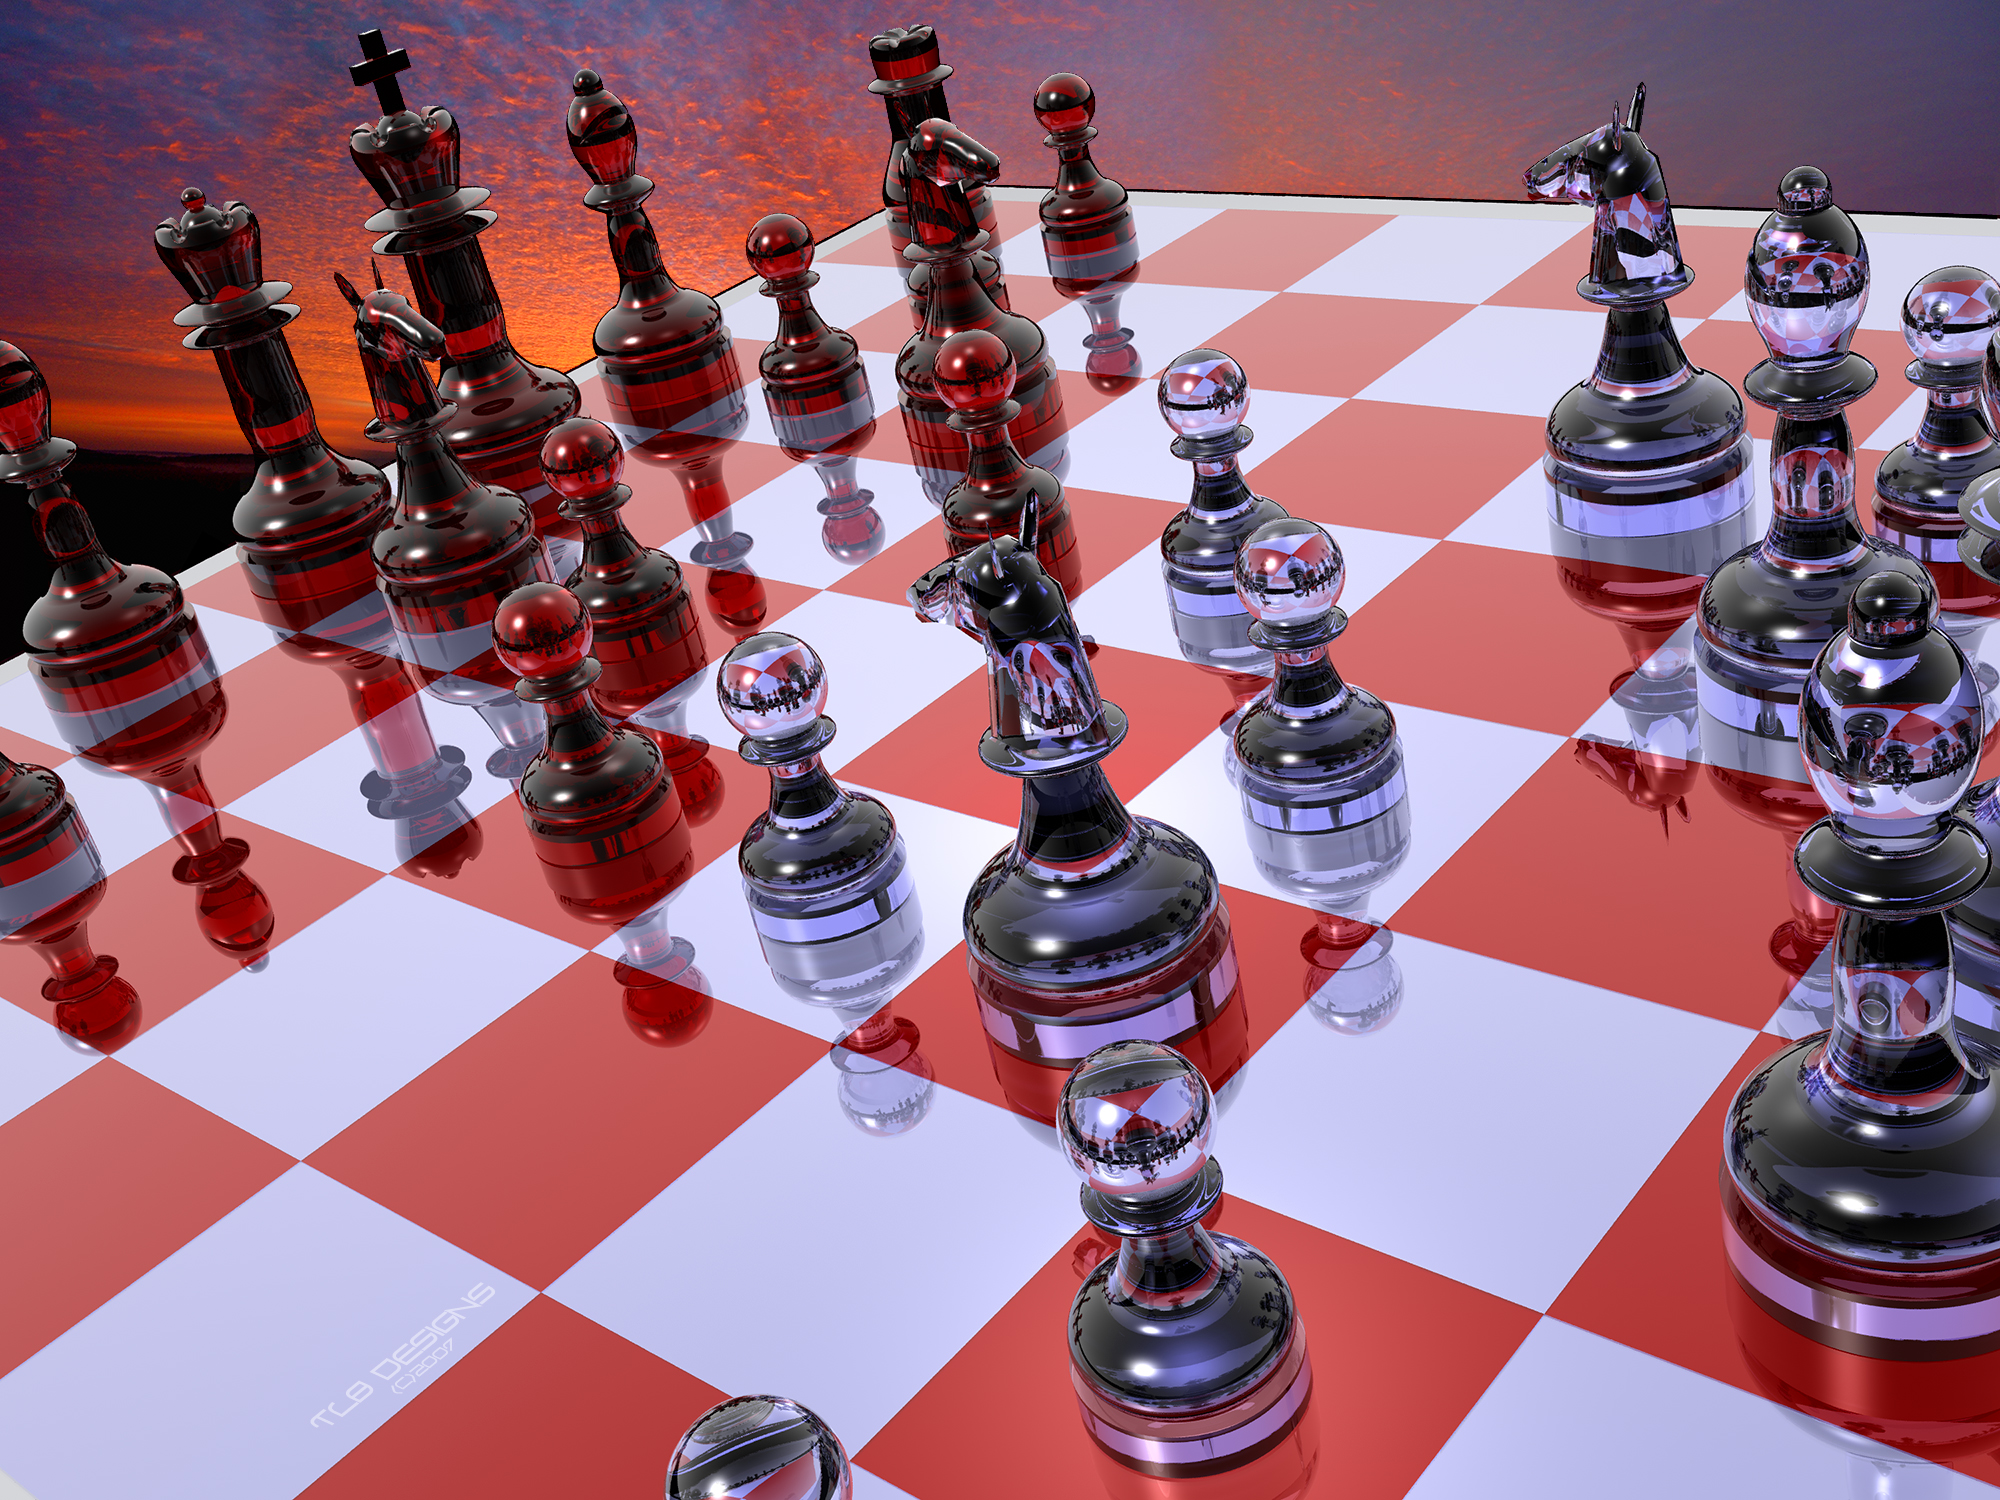 Free download 3D Chess Glass Wallpaper Desktop Wallpaper